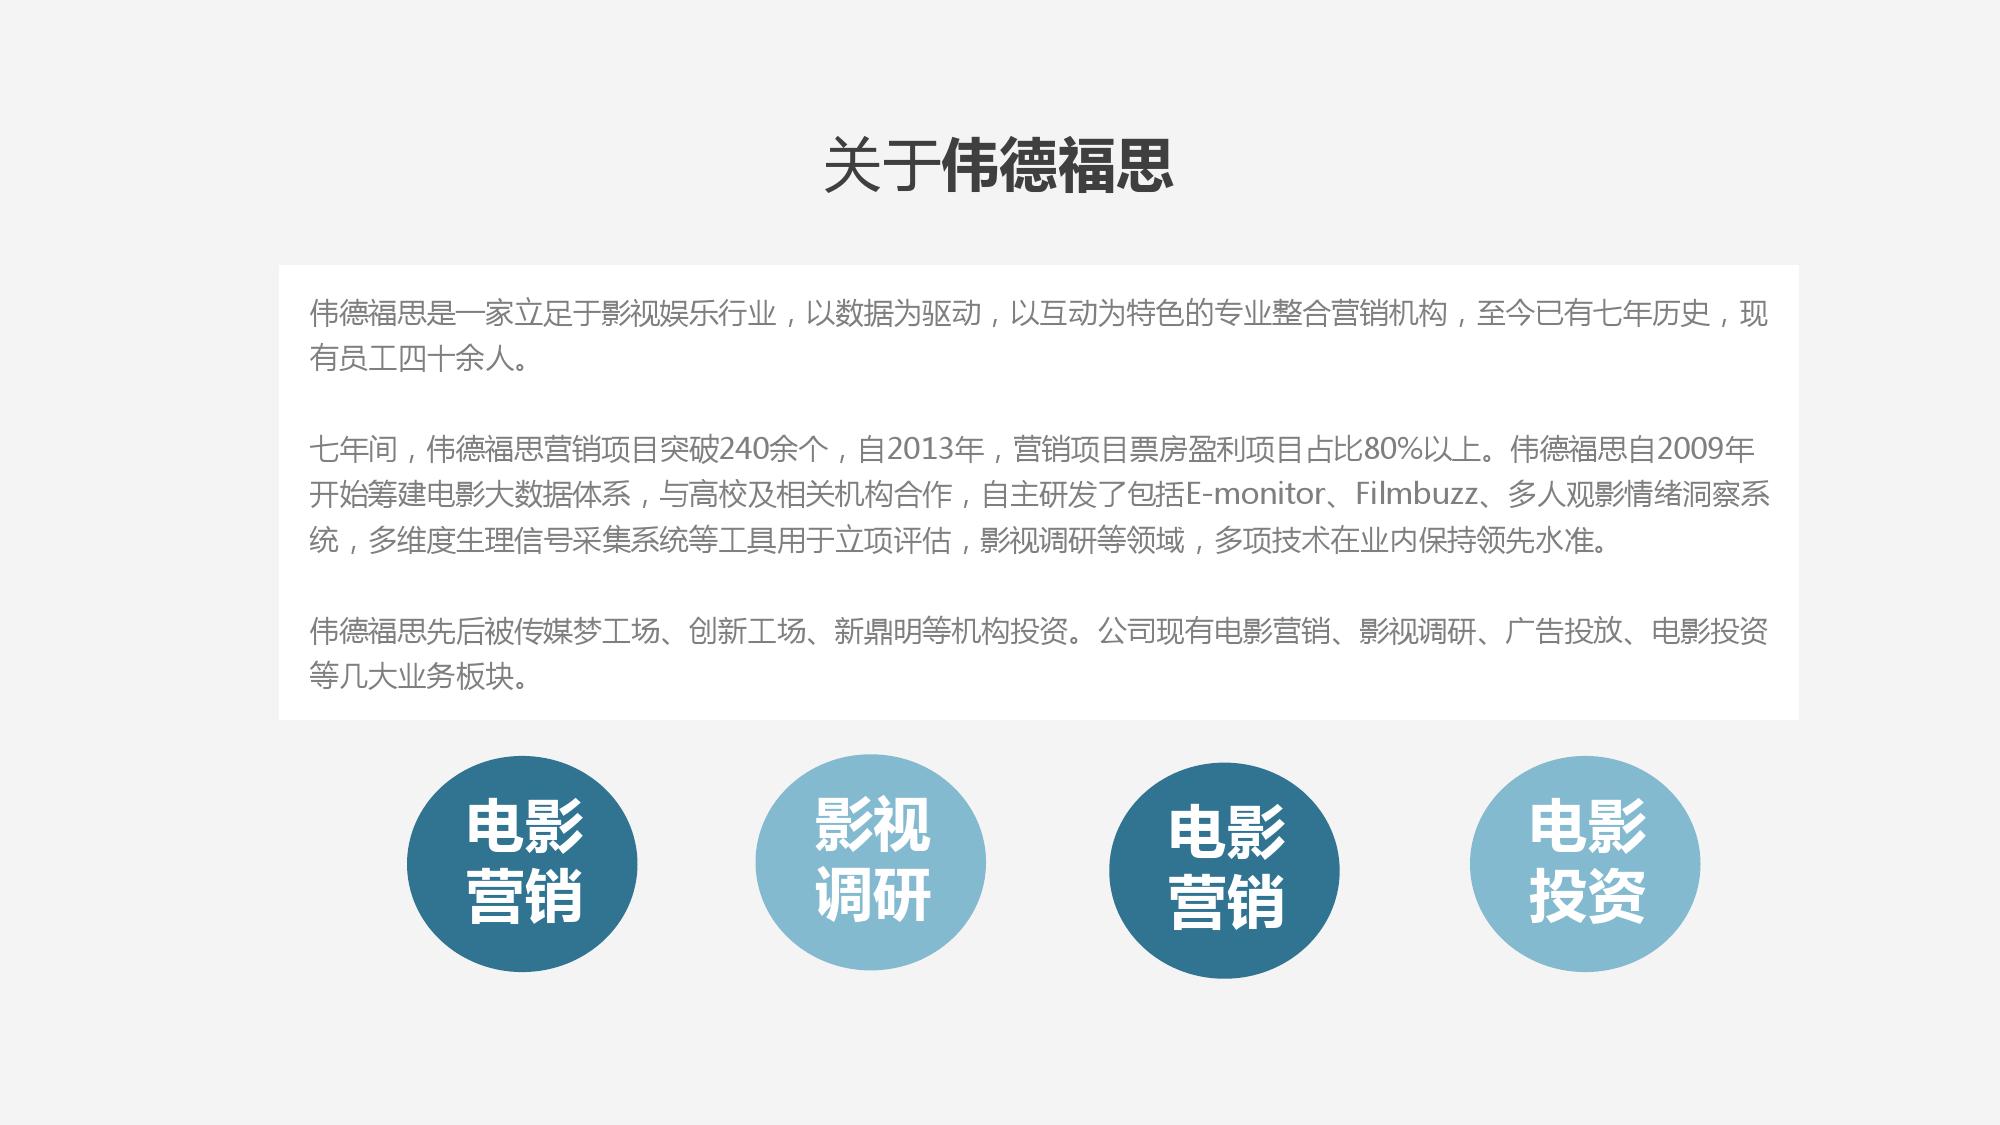 2015年度中国电影产业报告_000116